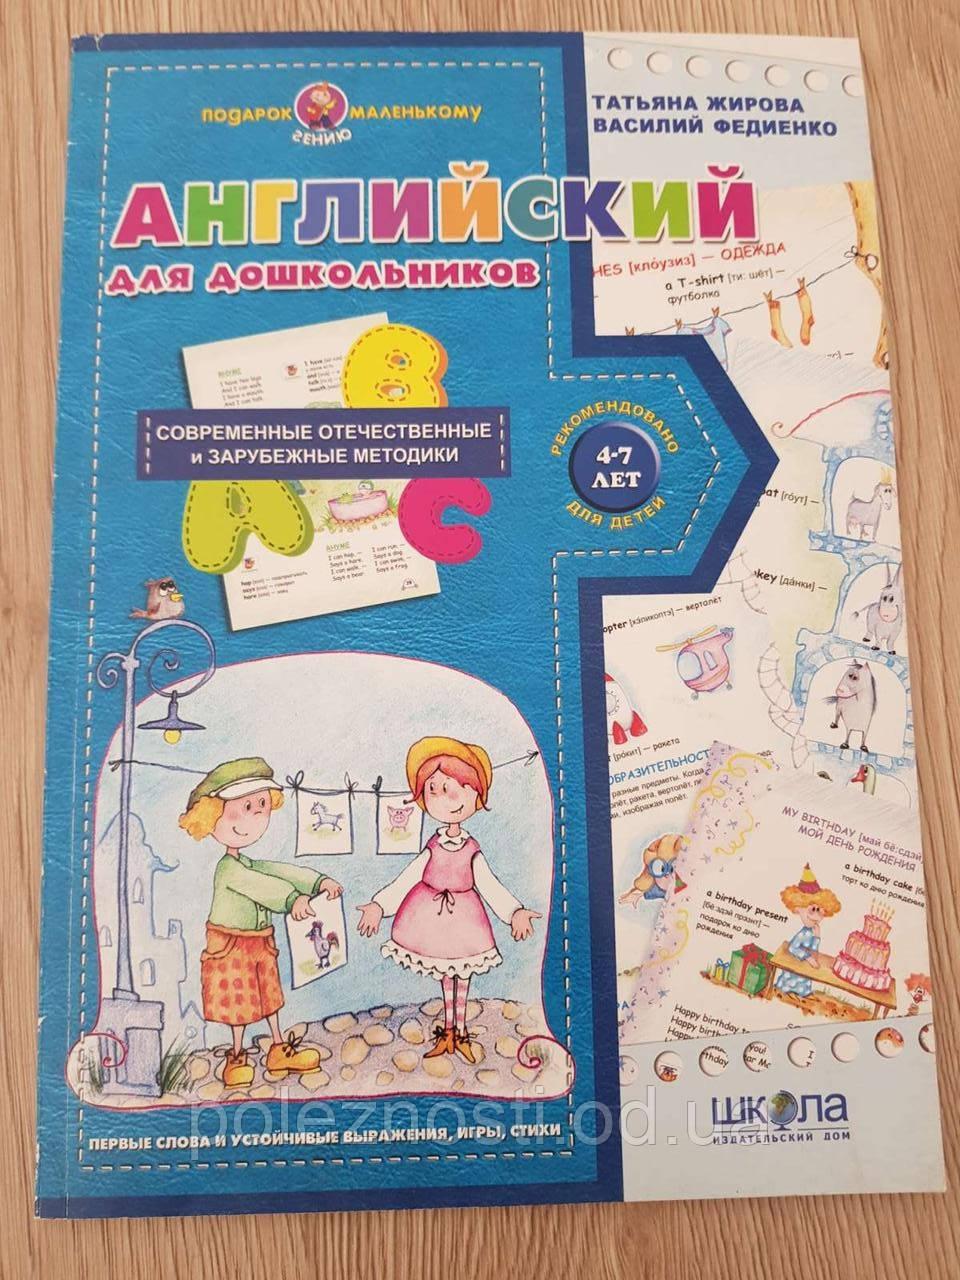 Английский для дошкольников - Федиенко, Жирова